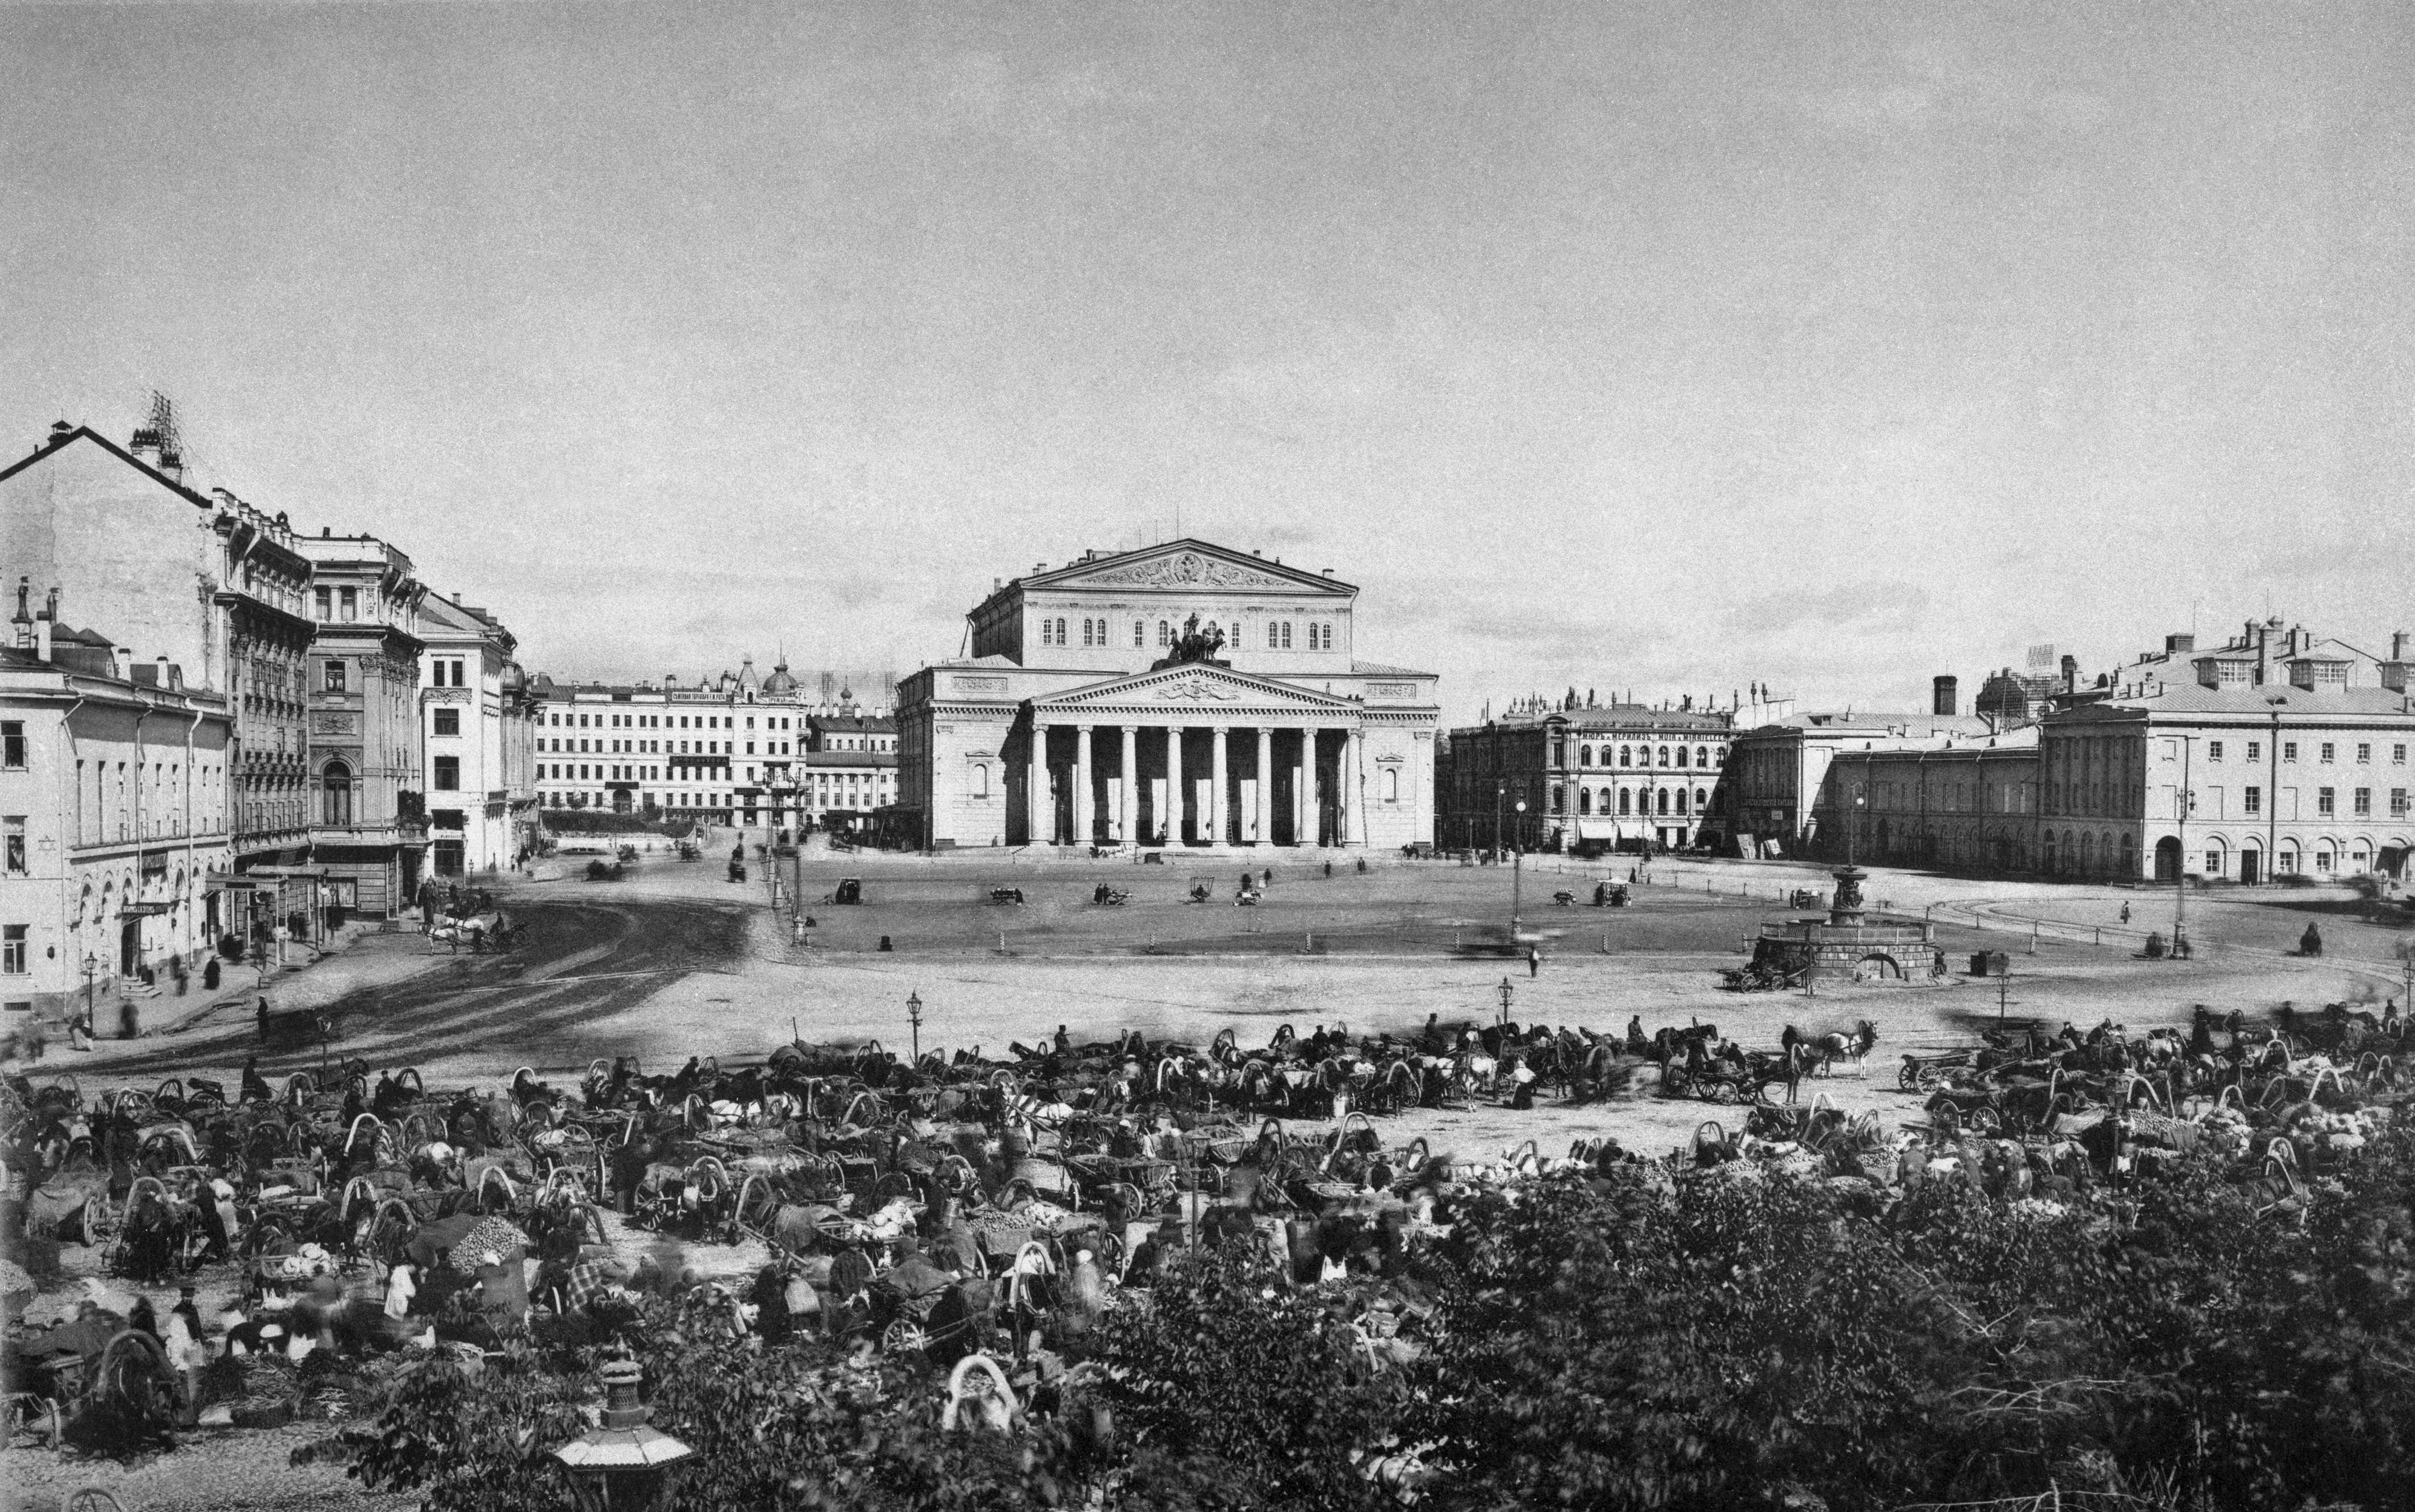 П.П. Павлов. Театральная площадь в Москве. 1891–1900-е гг.